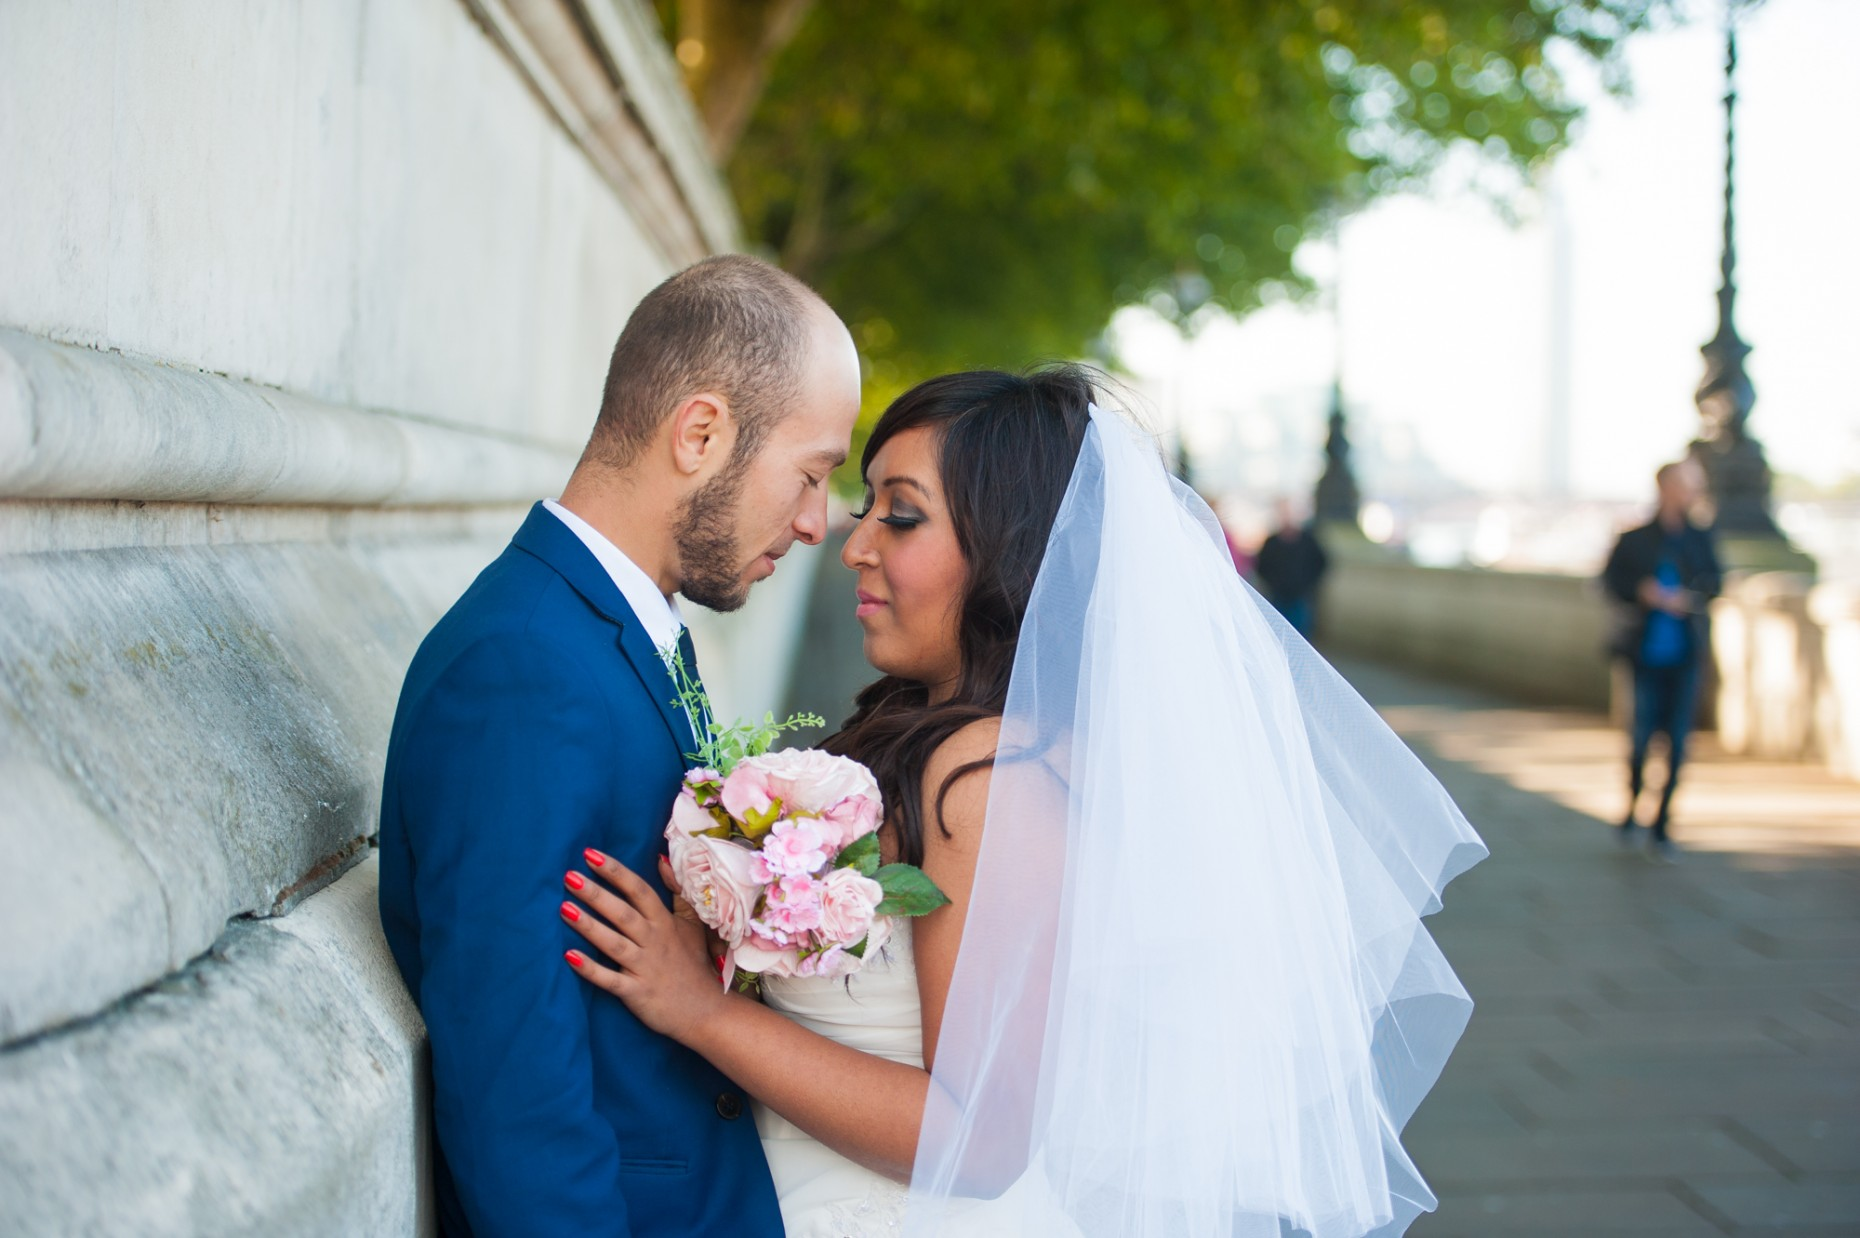 Asian Pre Wedding Photography Cambridge-1097